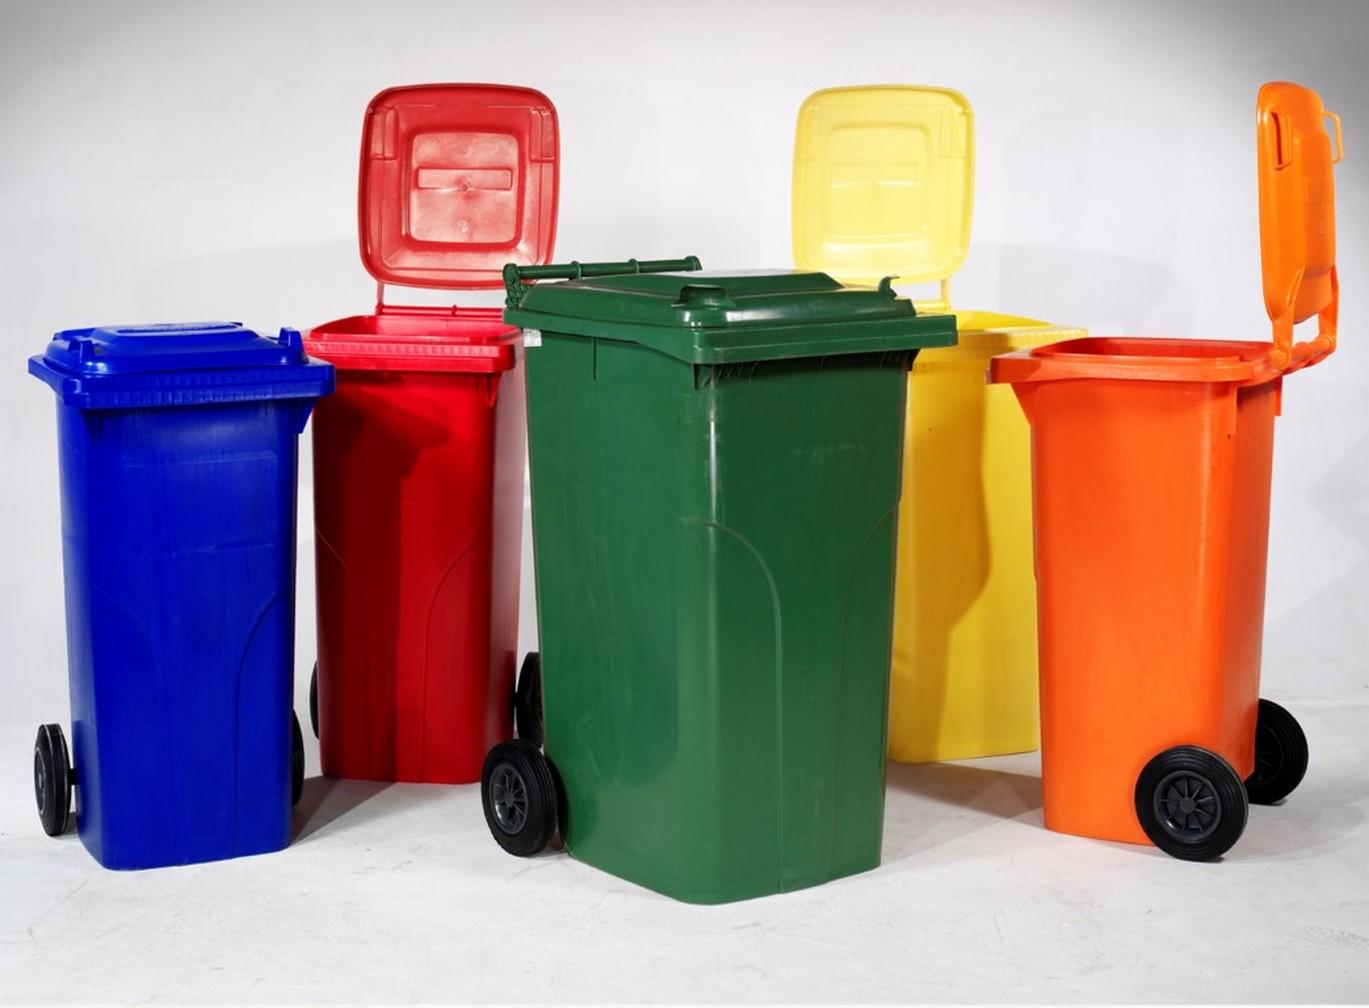 контейнеры с разделением по цвету